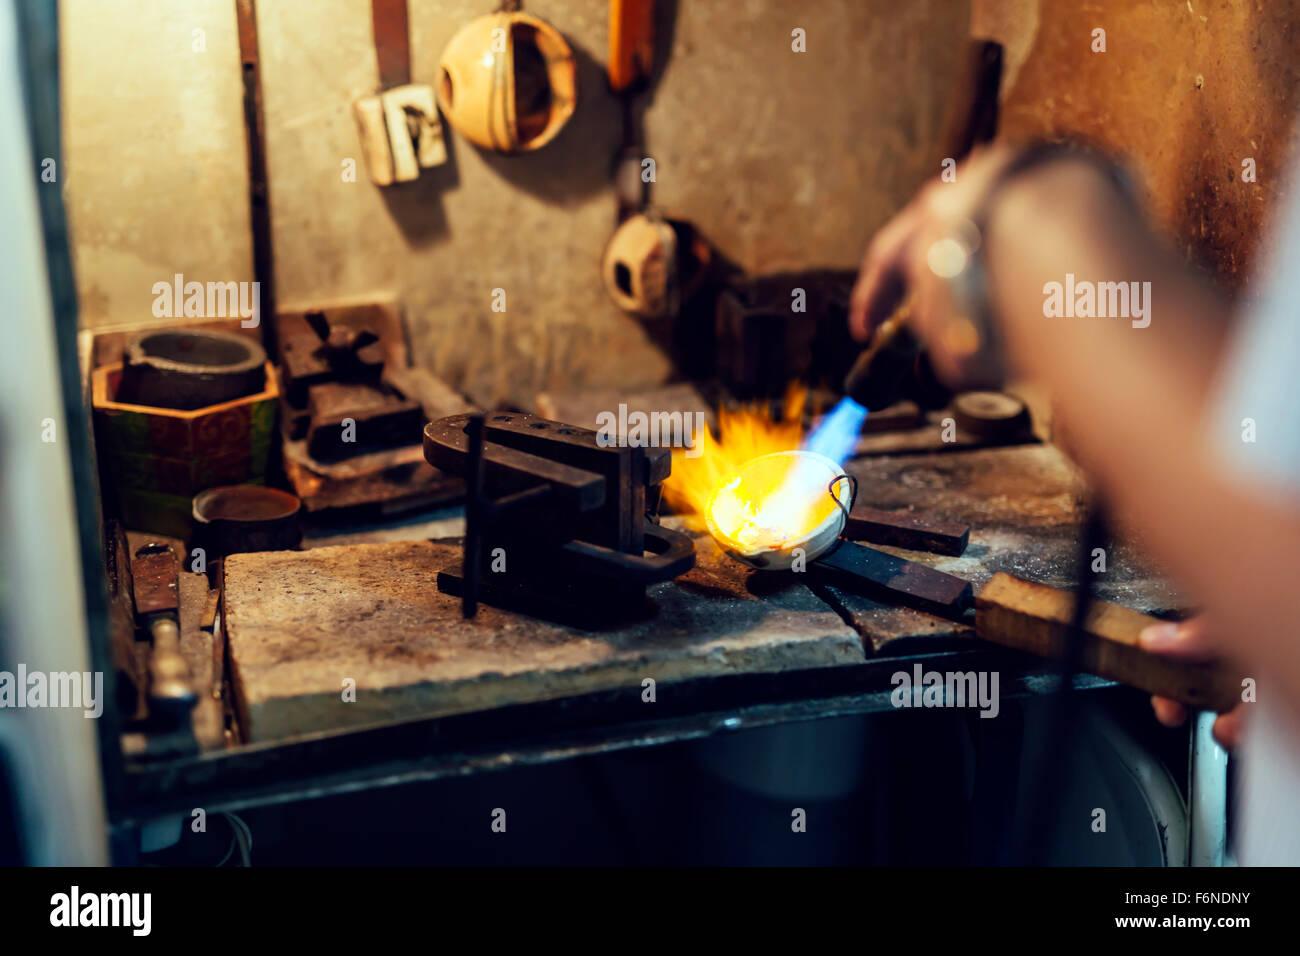 Joyería de Oro de soldadura la manera tradicional Imagen De Stock